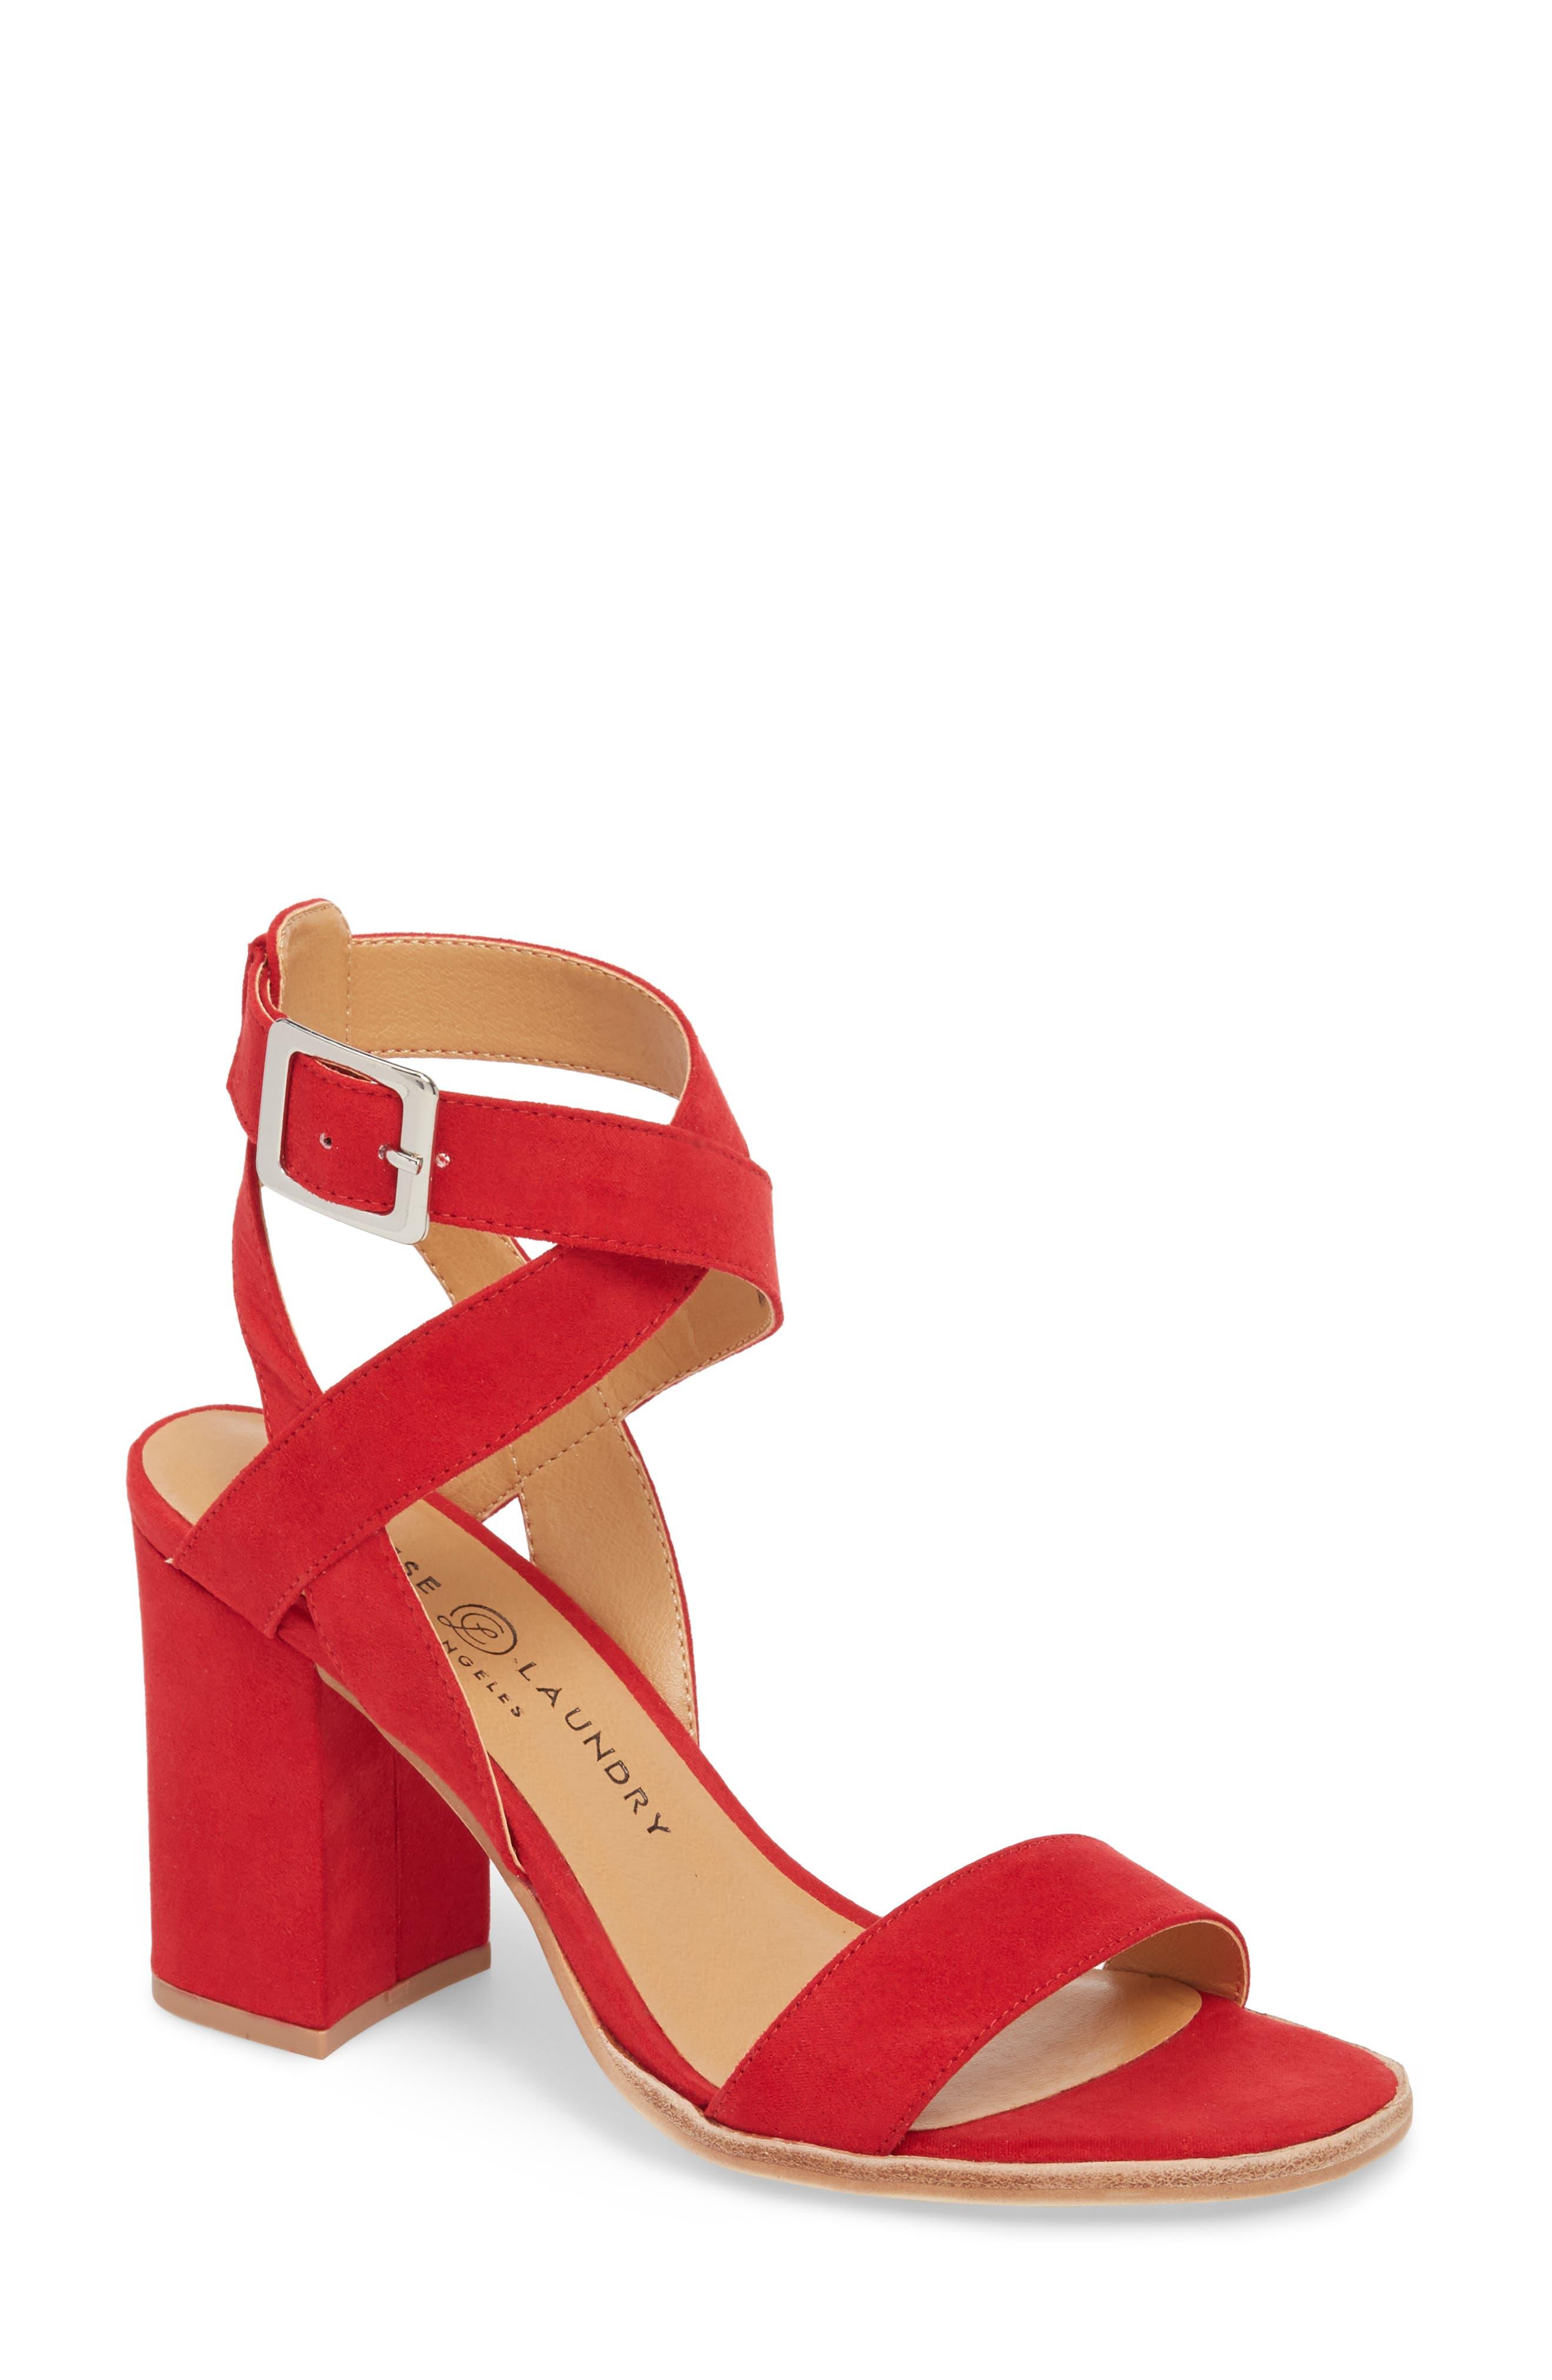 Stassi Block Heel Sandal,                             Main thumbnail 1, color,                             Red